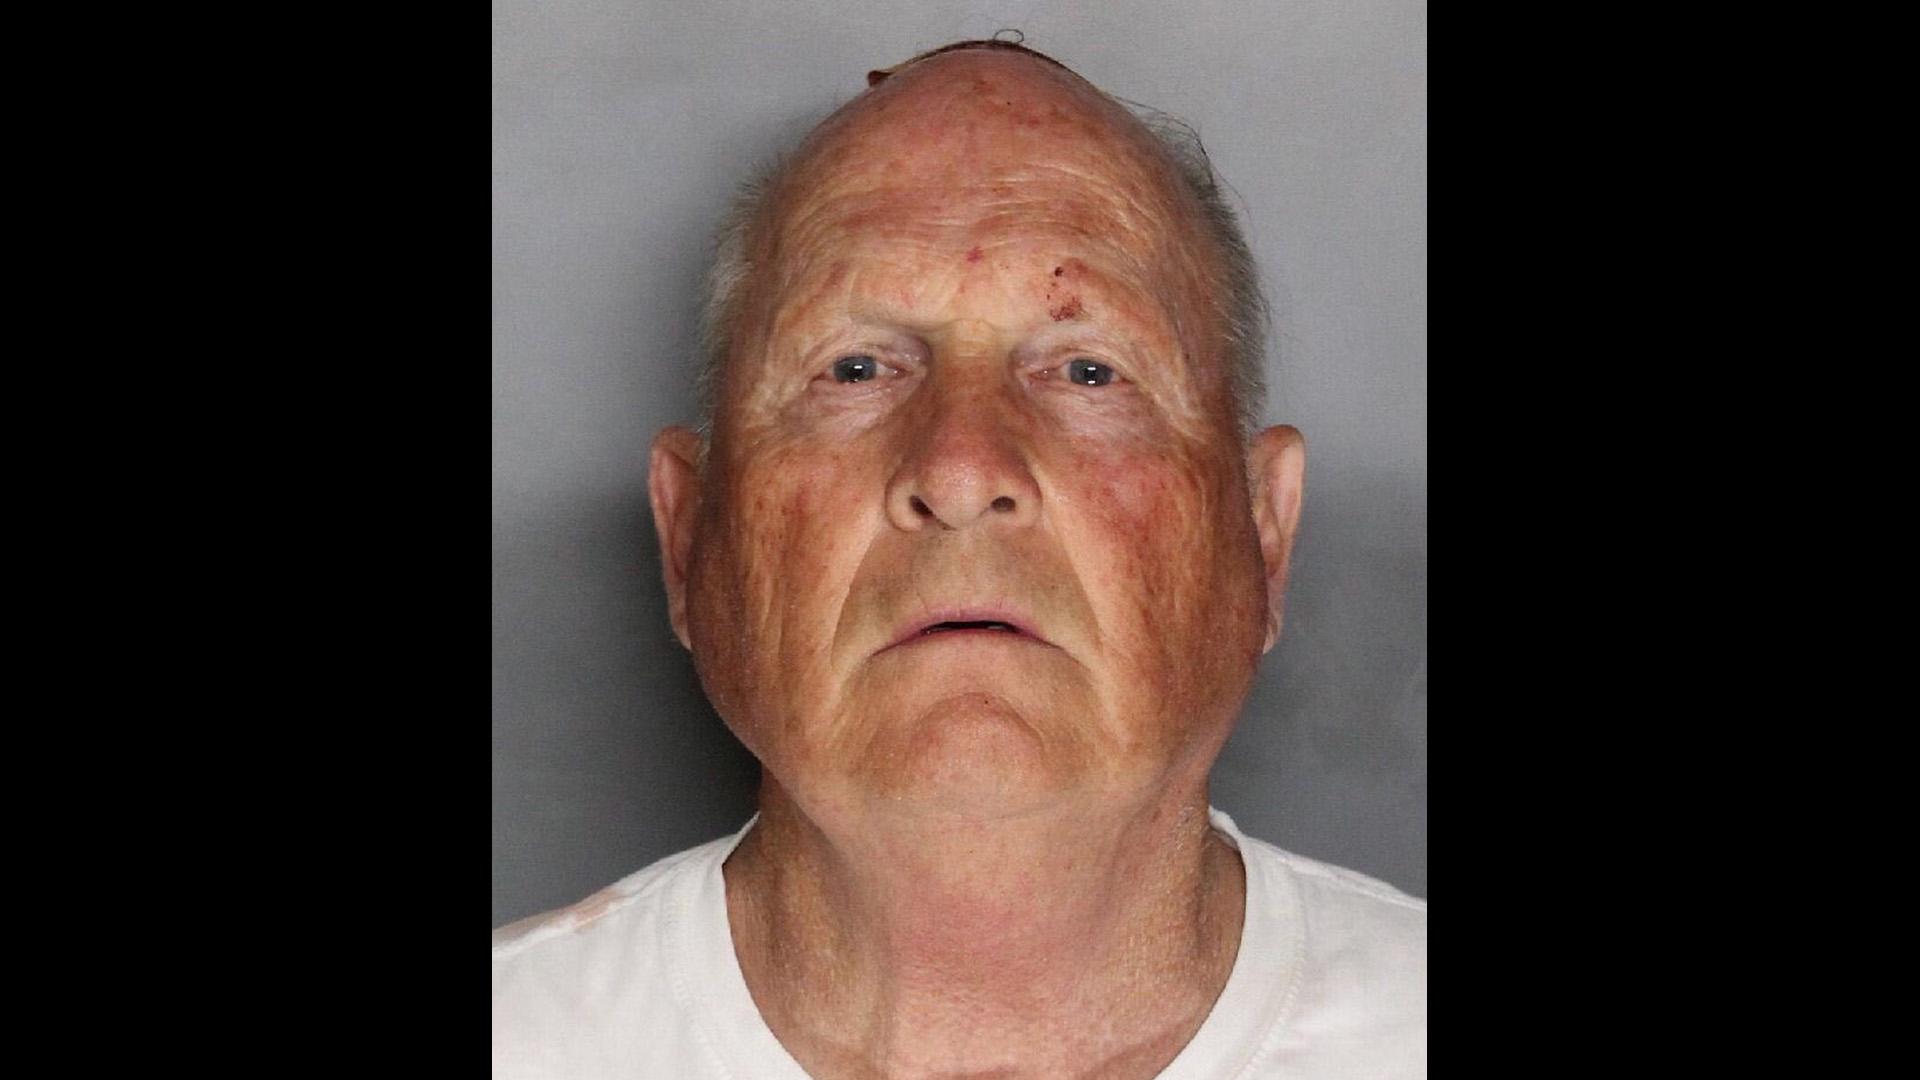 golden state killer suspect joseph deangelo 042518 AP_1524689422986